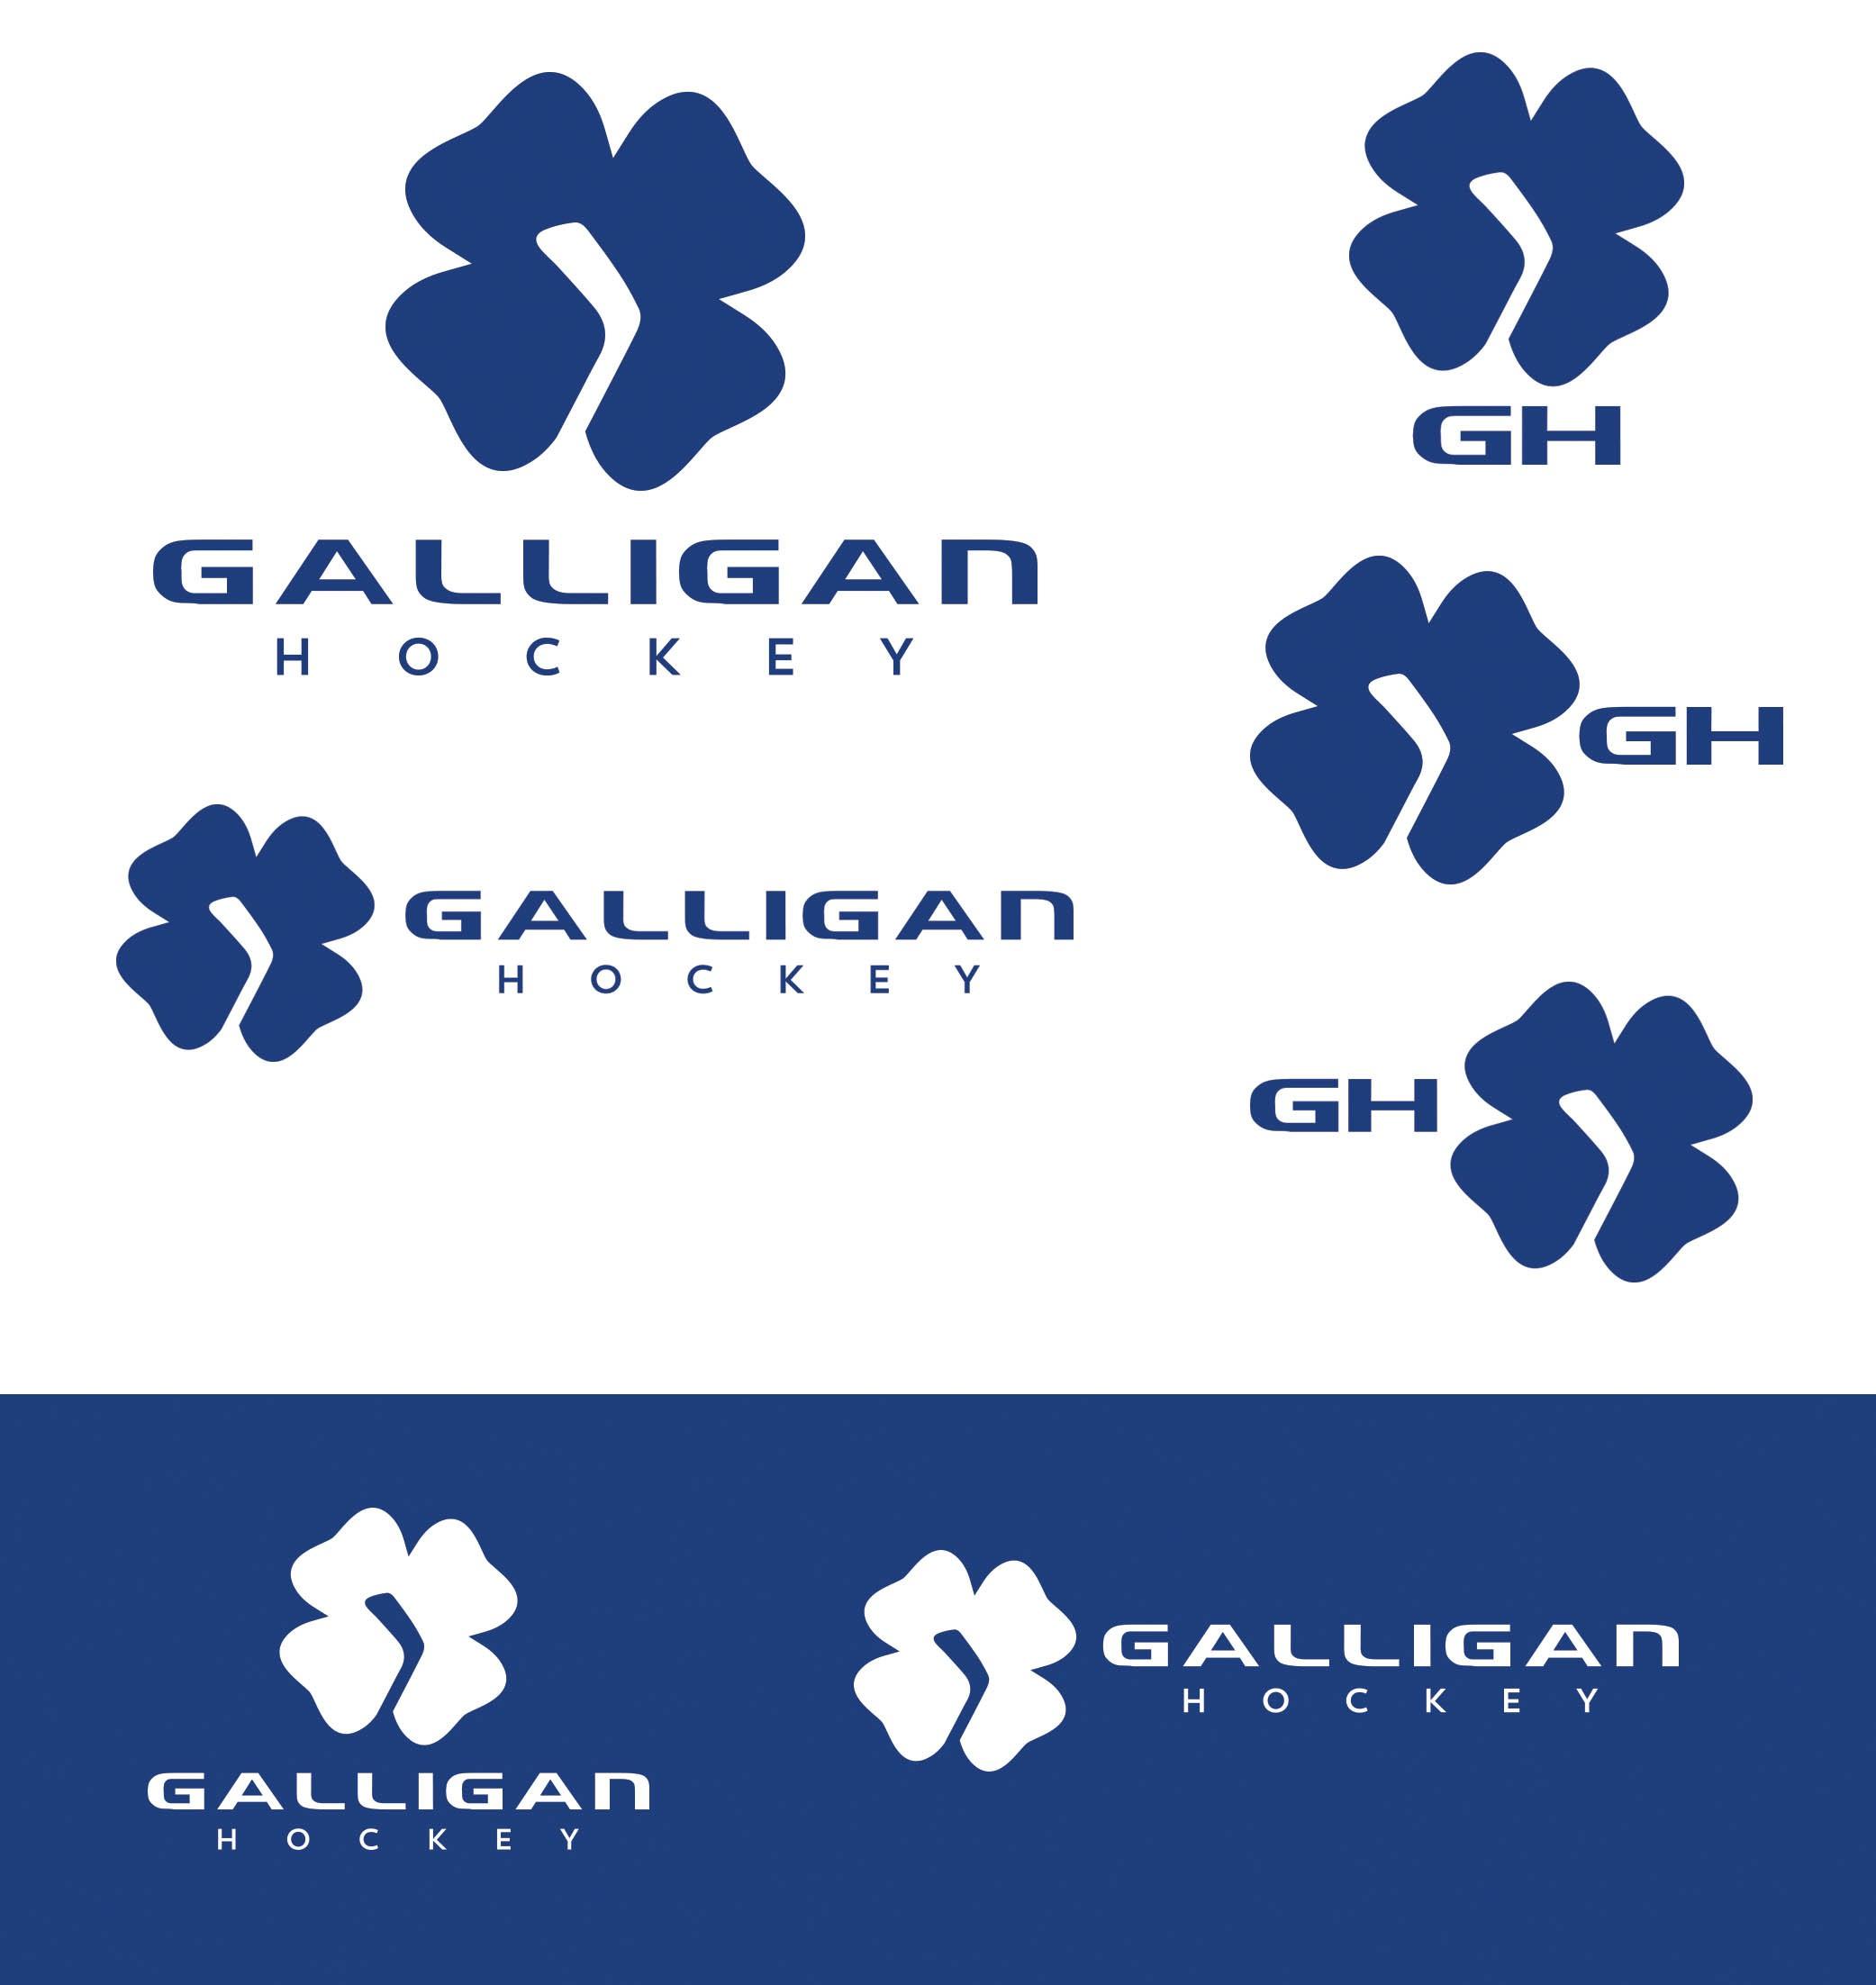 Galligan Hockey- I need a  clean classy logo to accompany the launch of my Ice Hockey Program !